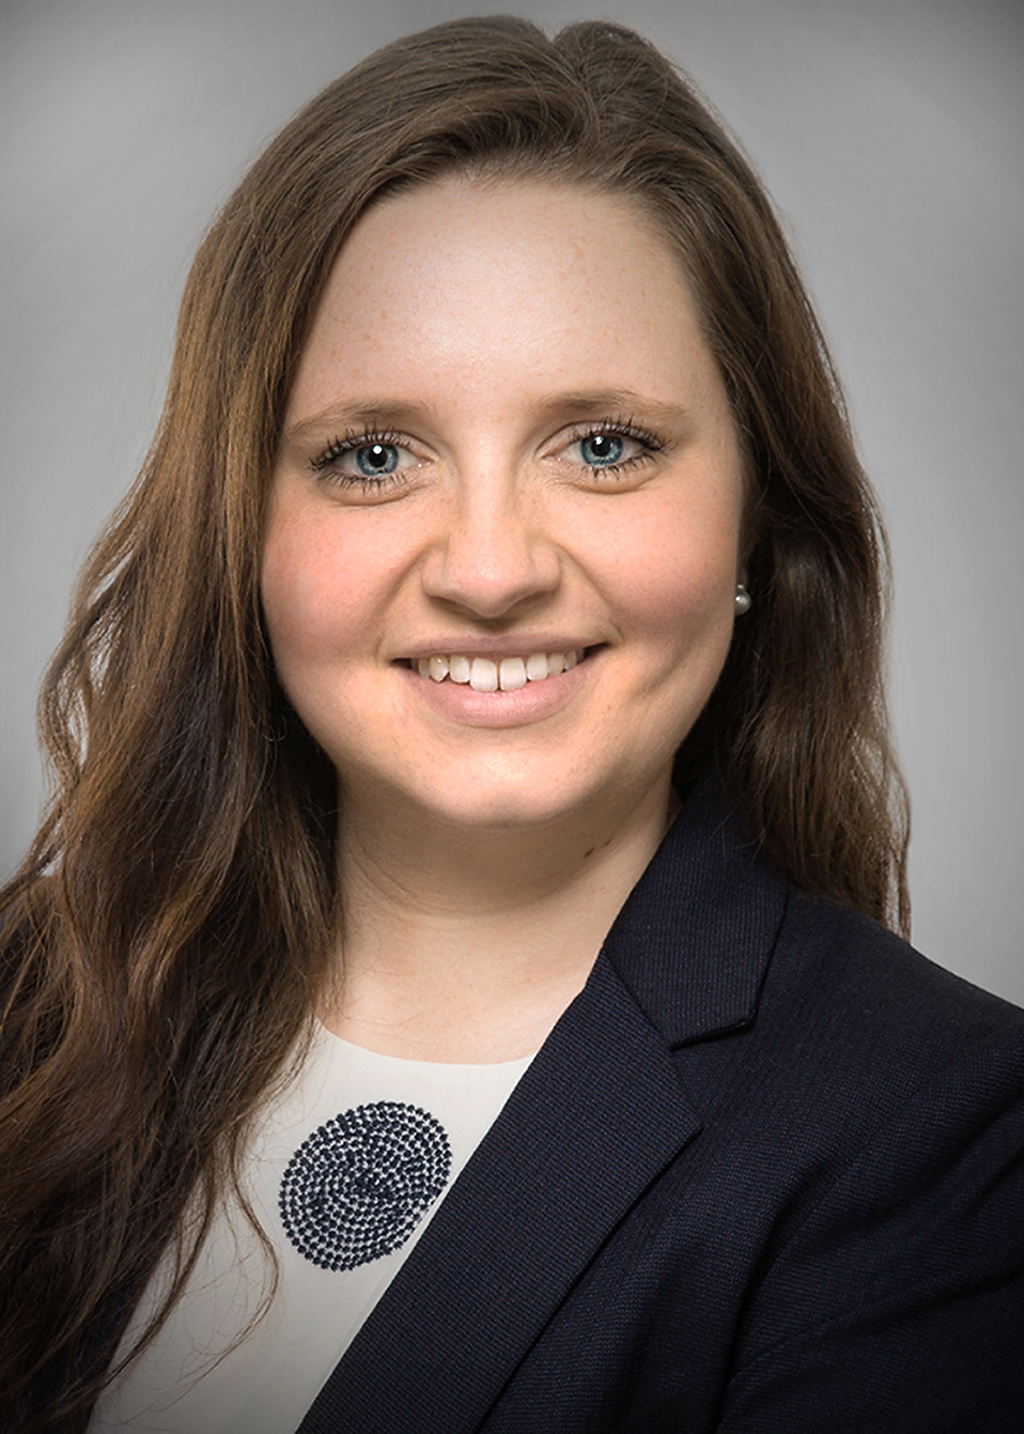 Christina Auer